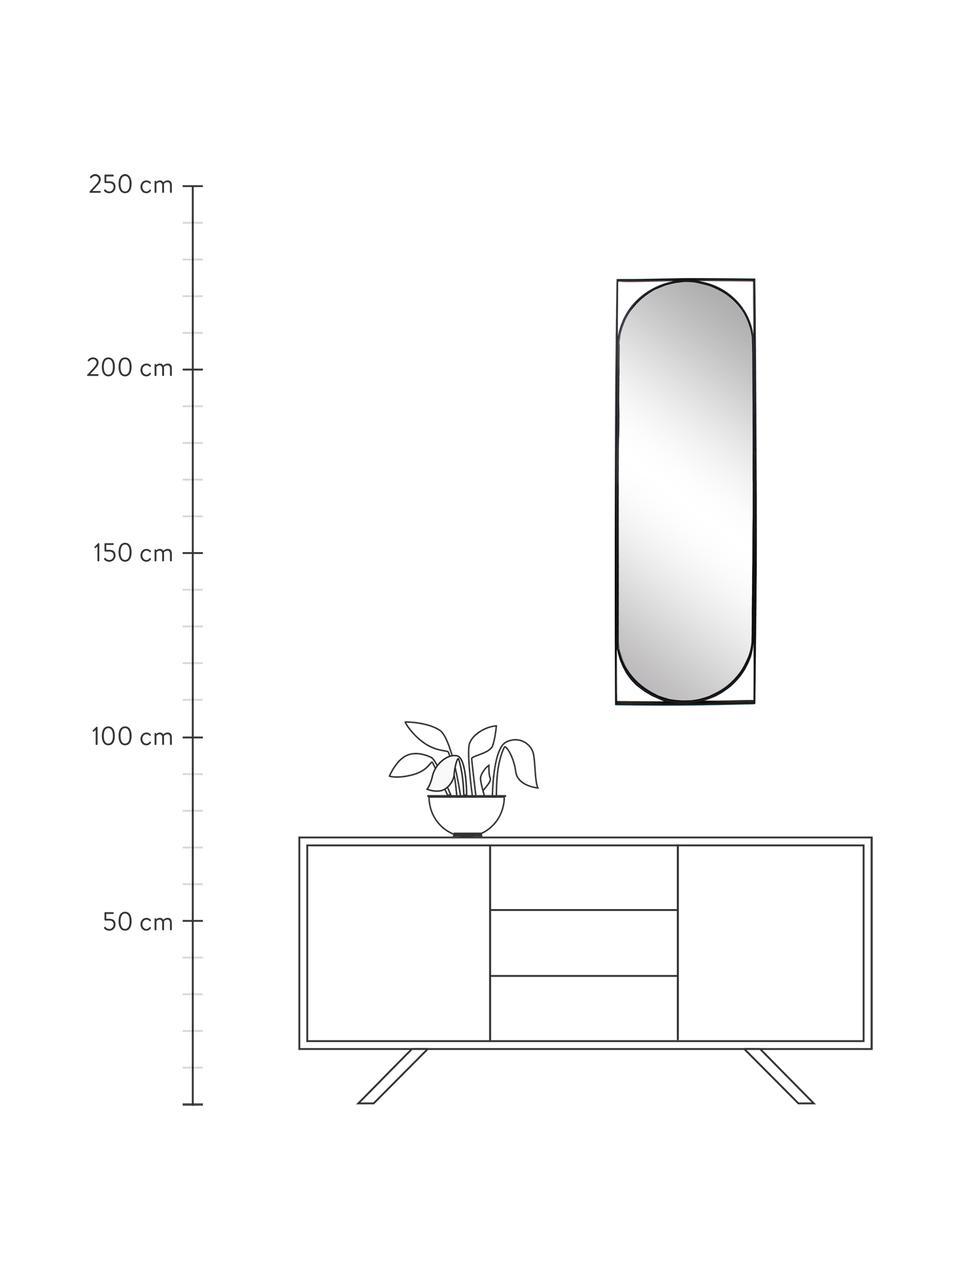 Schwarzer Wandspiegel Azurite mit Metallrahmen, Rahmen: Metall, beschichtet, Spiegelfläche: Spiegelglas, Schwarz, 37 x 117 cm